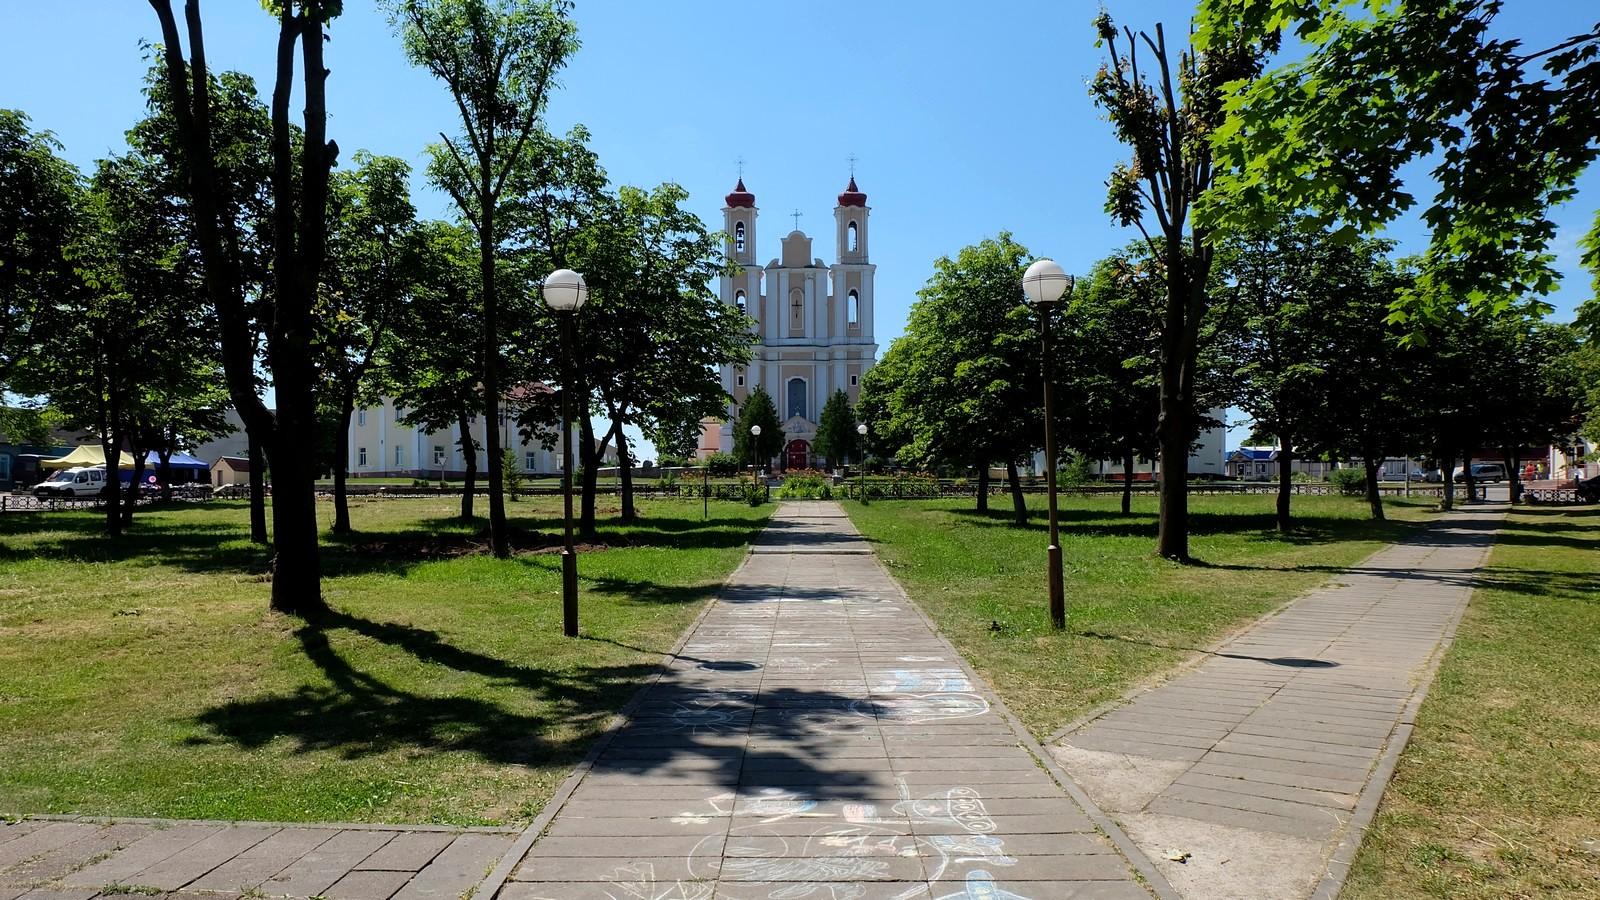 Костёл Святого Юрия, Ворняны, Беларусь